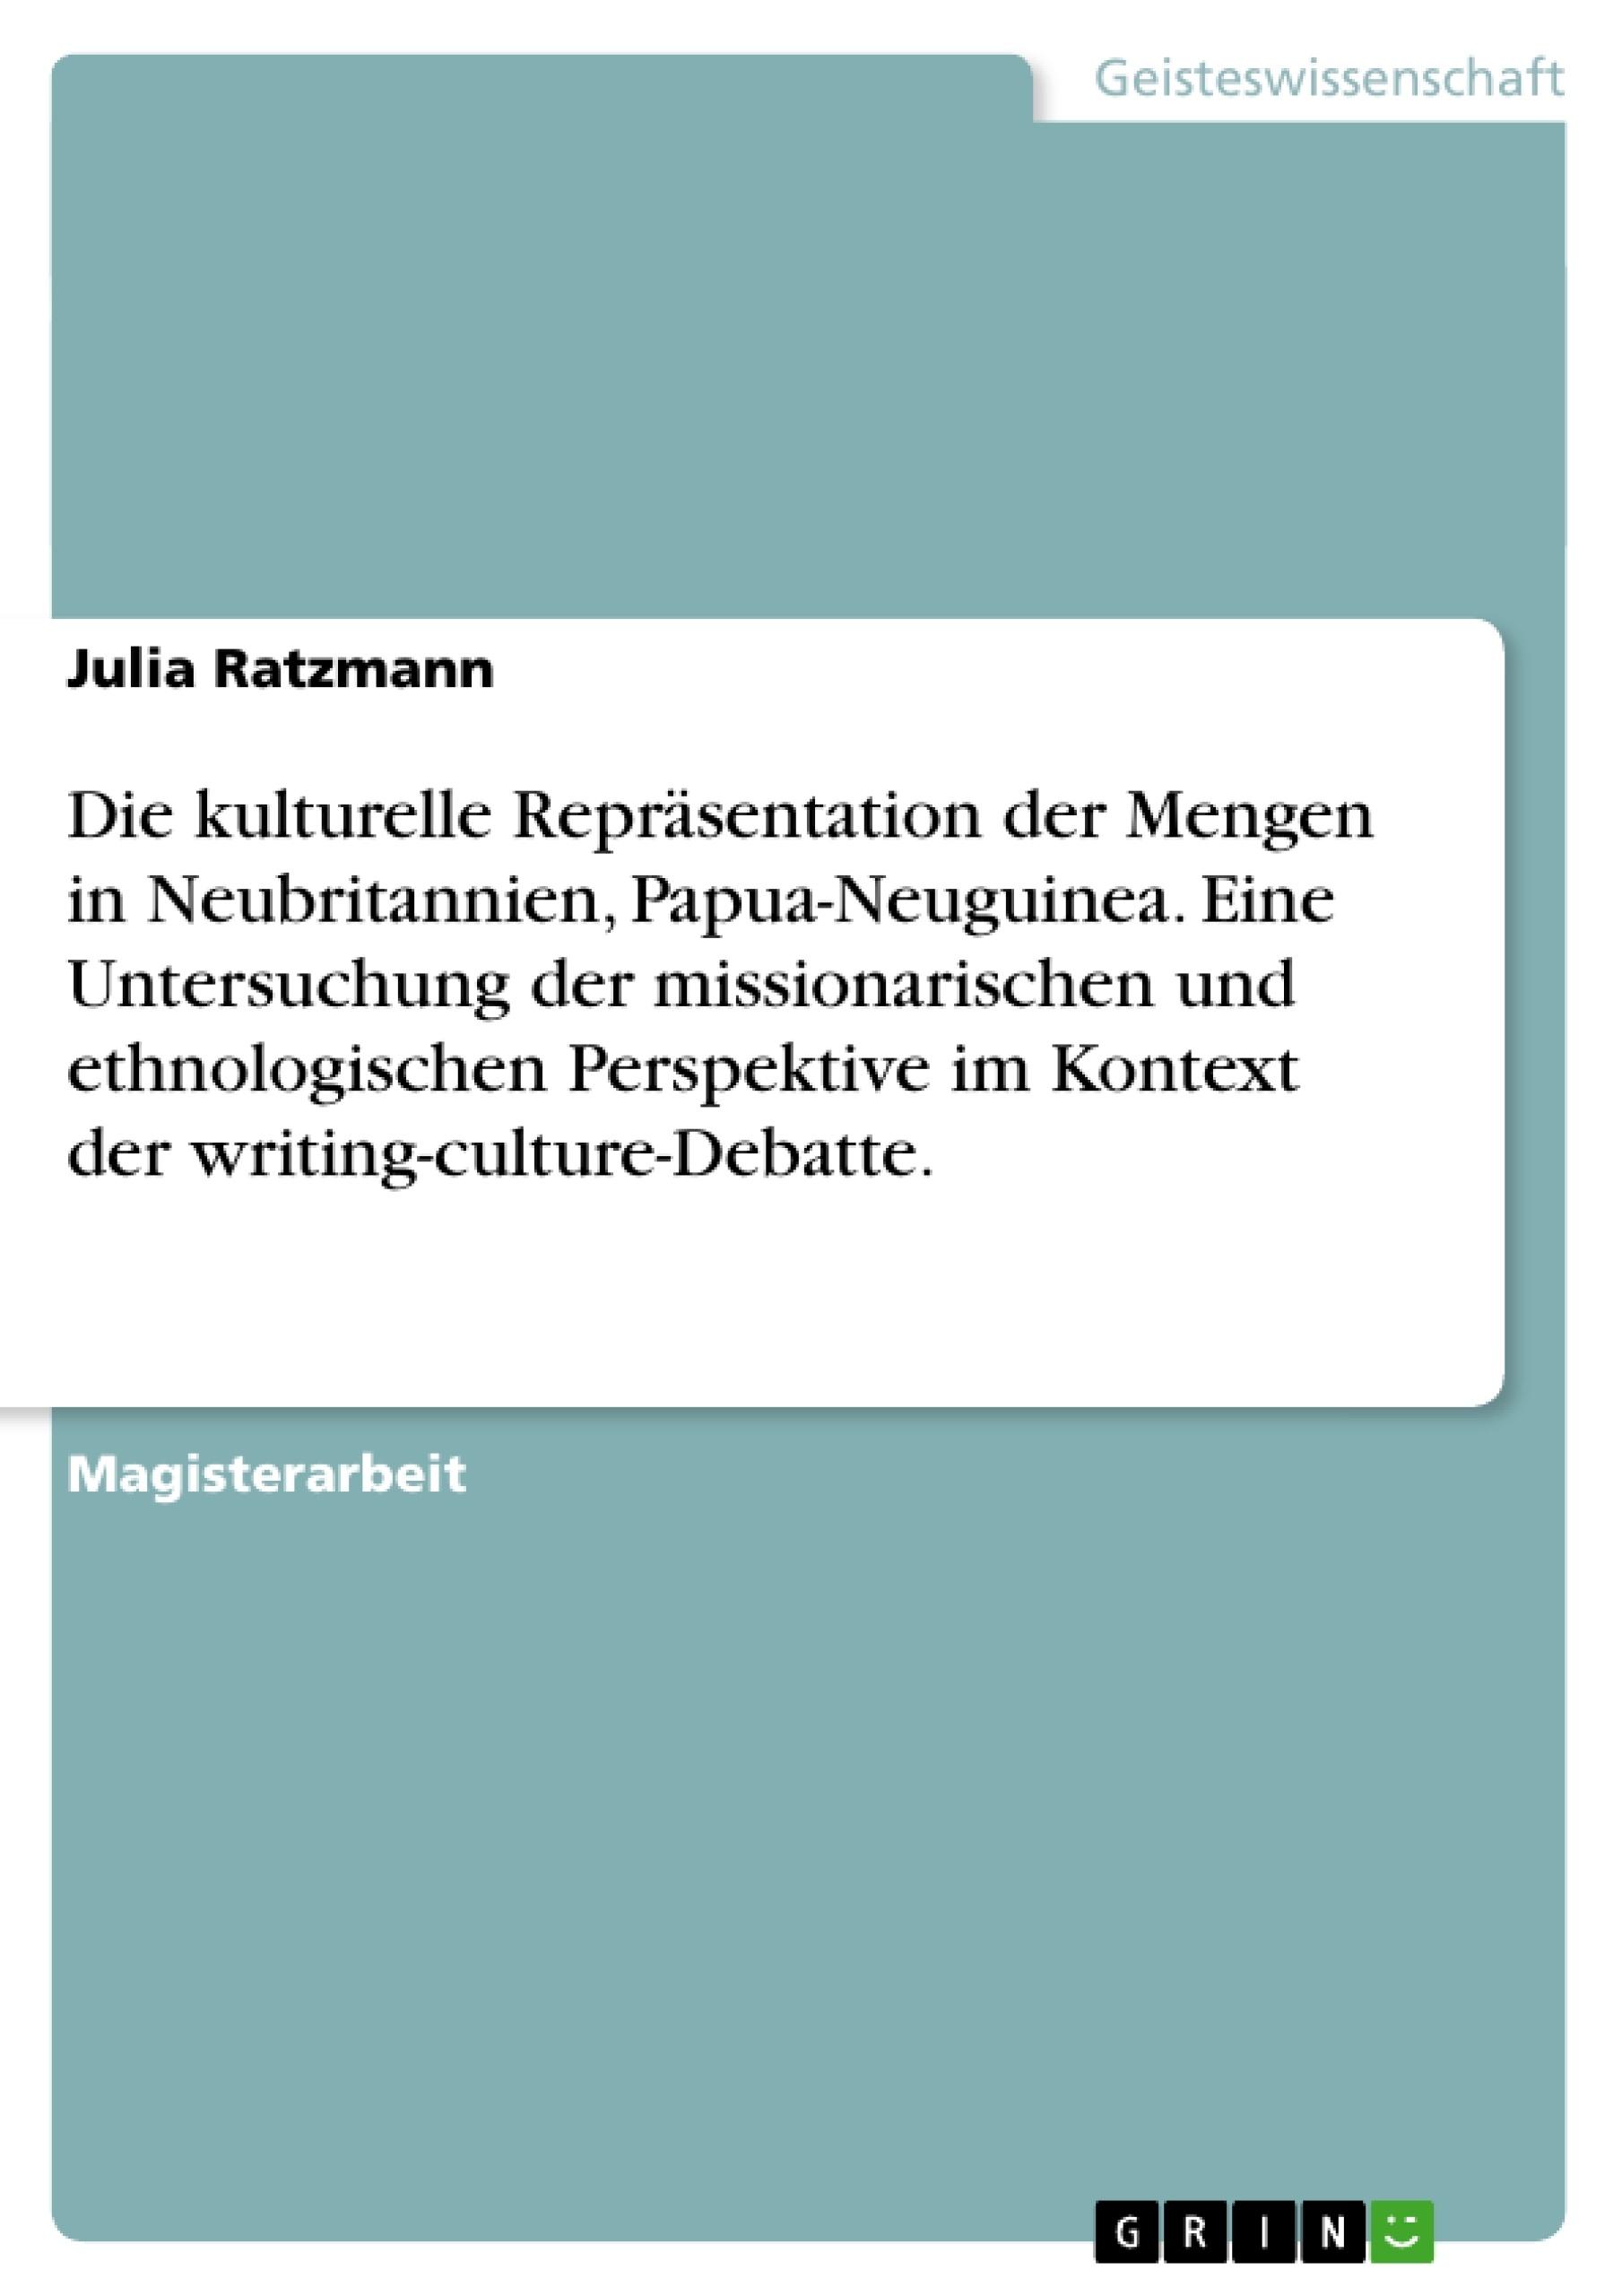 Titel: Die kulturelle Repräsentation der Mengen in Neubritannien, Papua-Neuguinea. Eine Untersuchung der missionarischen und ethnologischen Perspektive im Kontext der writing-culture-Debatte.